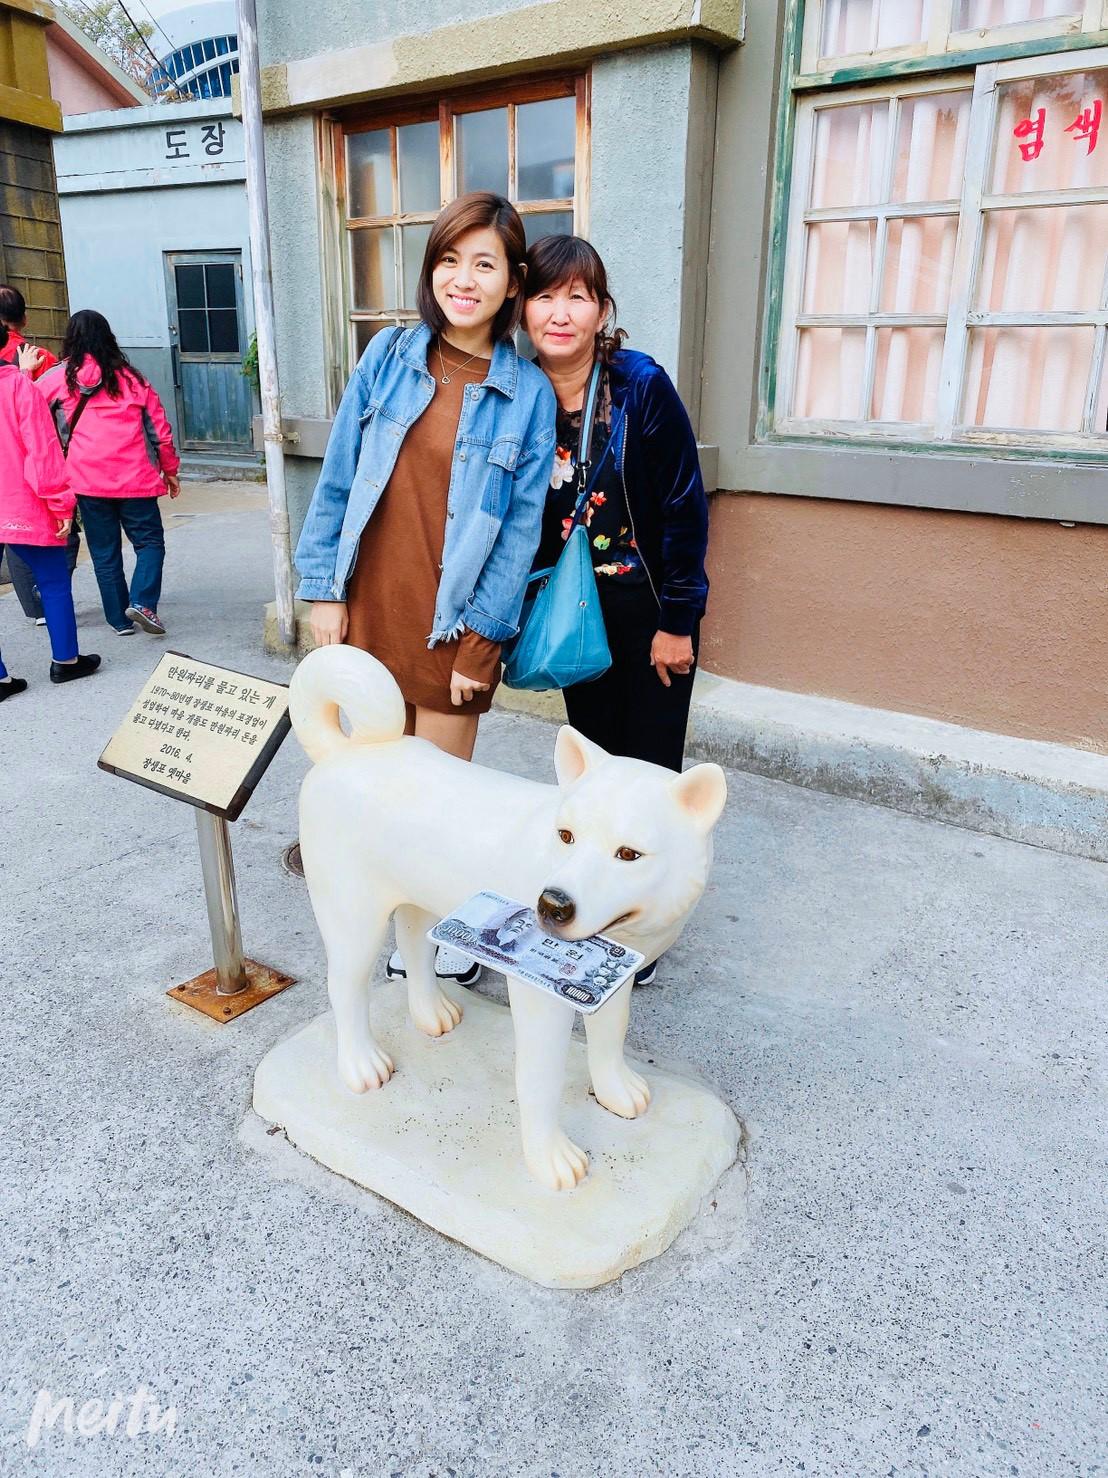 ▲熱愛小動物的米可白,走到哪都想跟動物雕像或圖畫拍照。